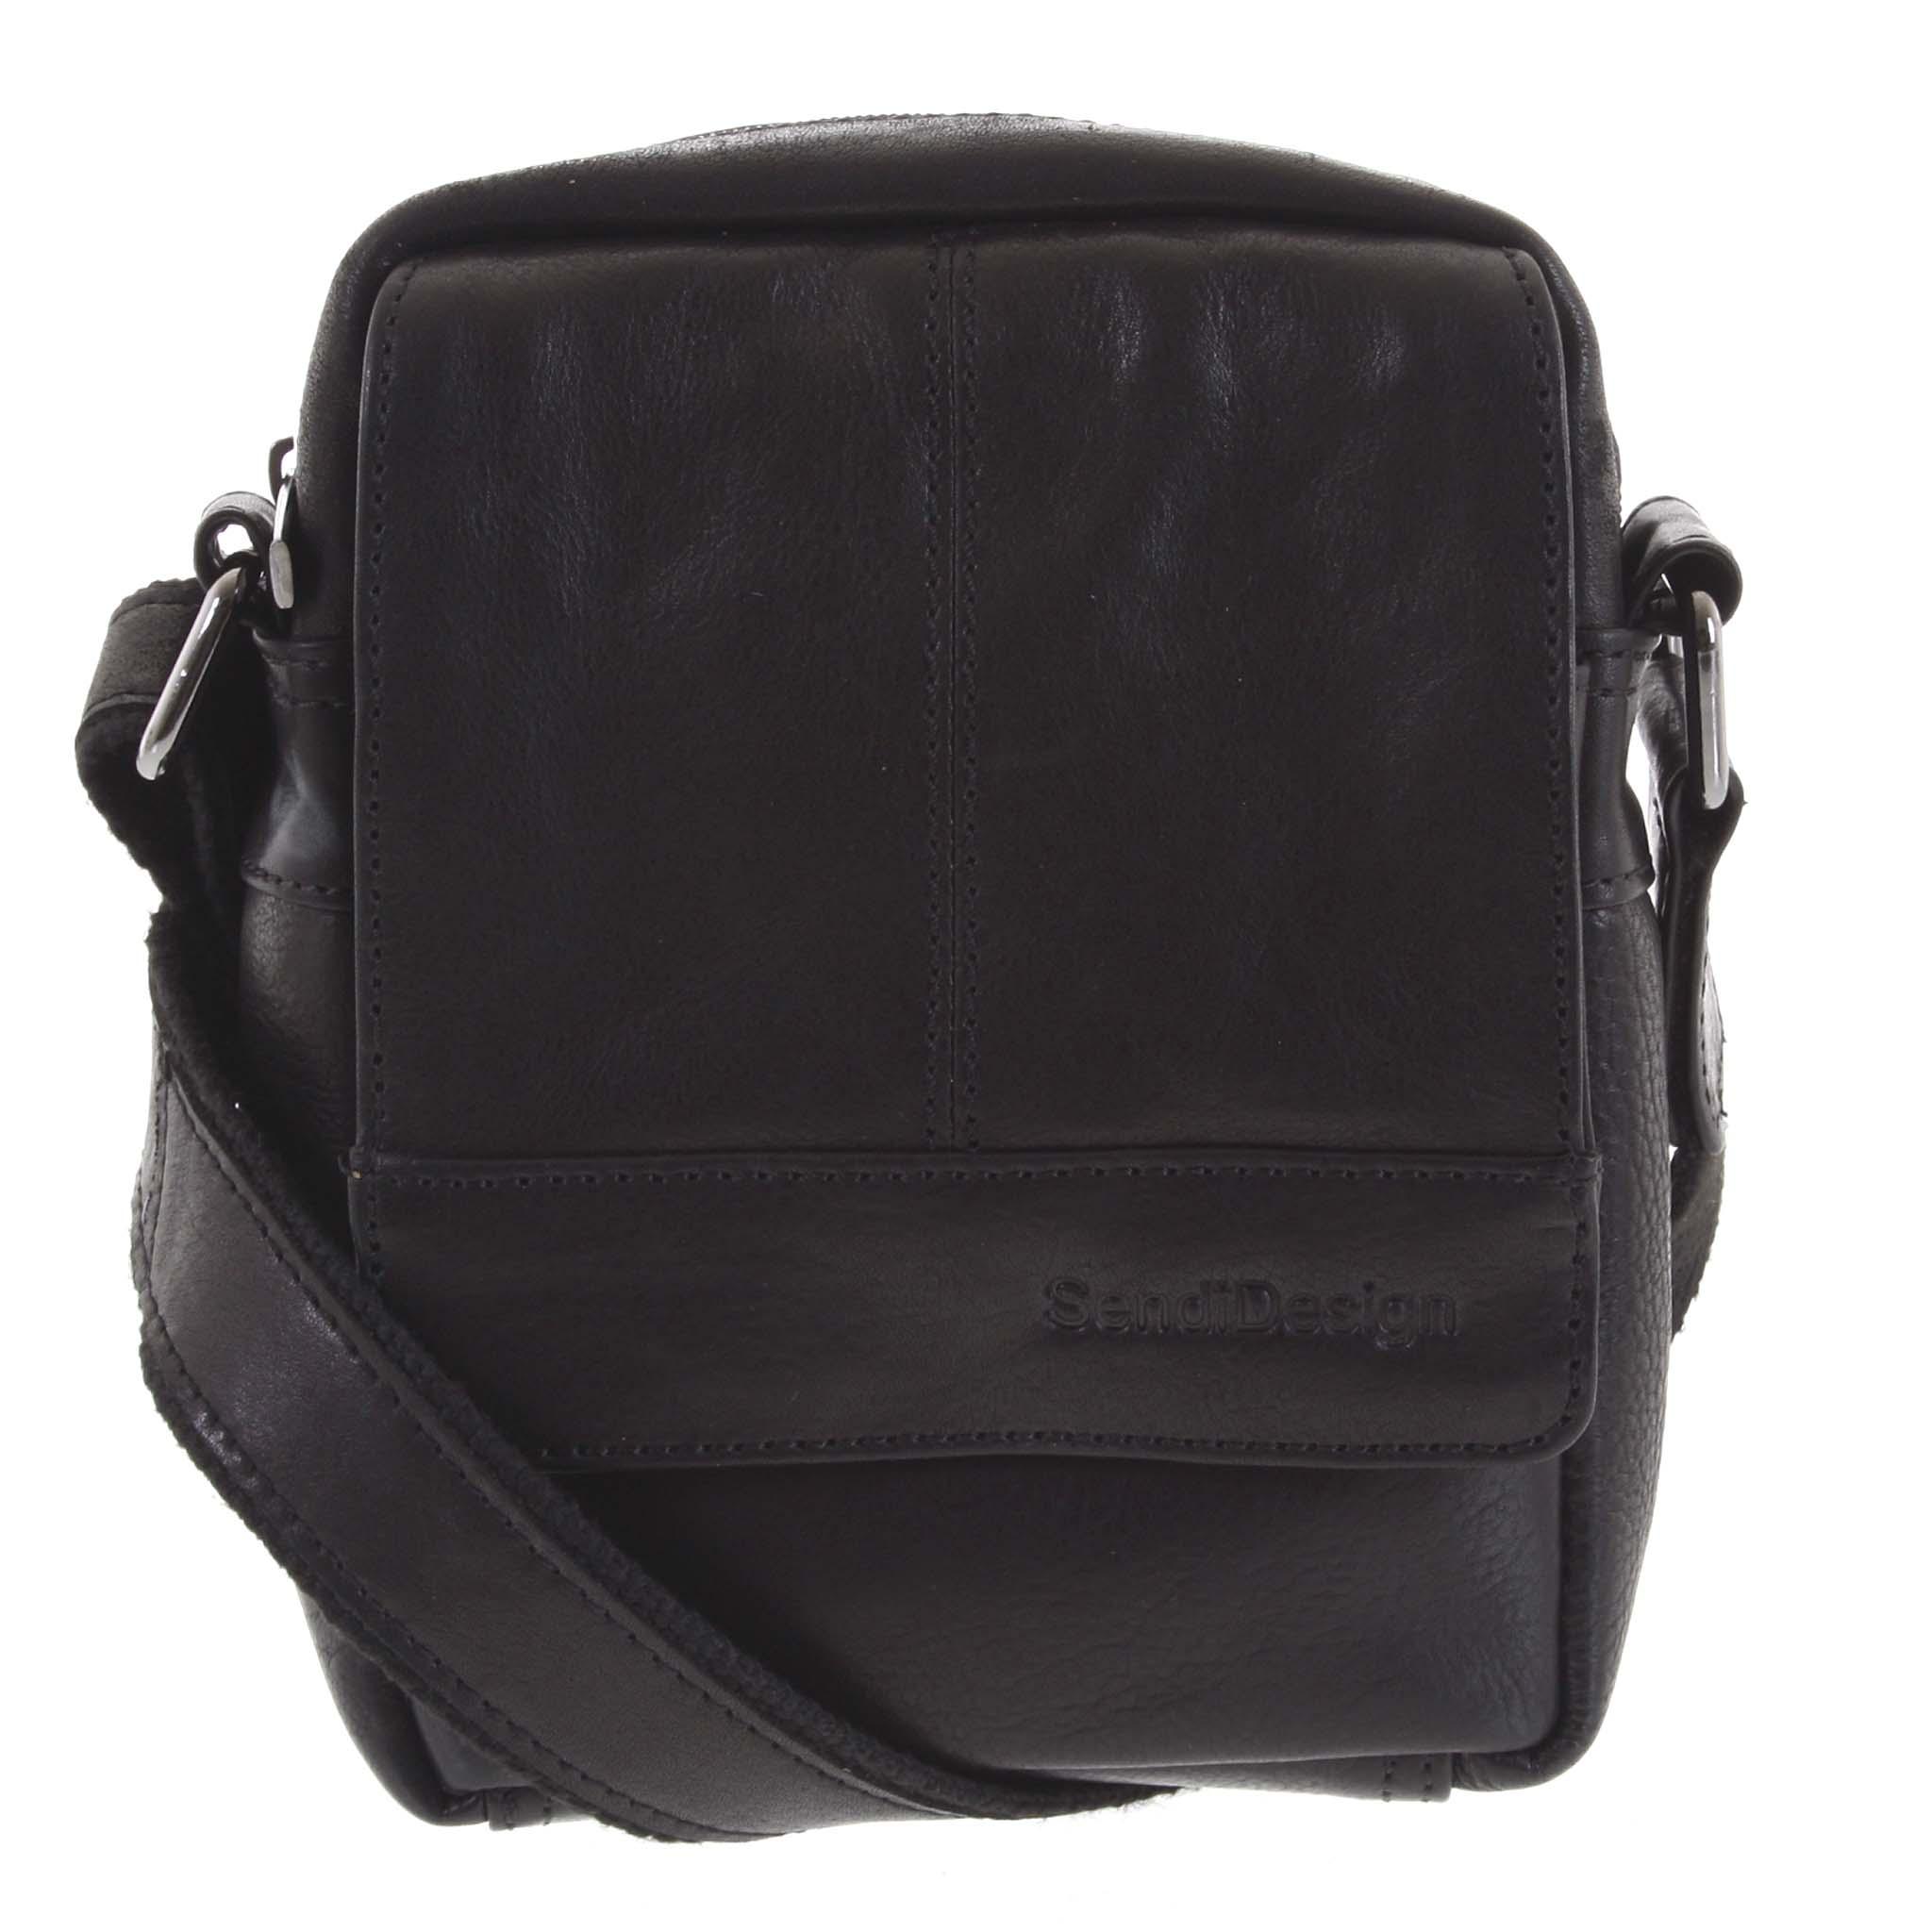 Pánská kožená crossbody taška na doklady černá - SendiDesign Niall